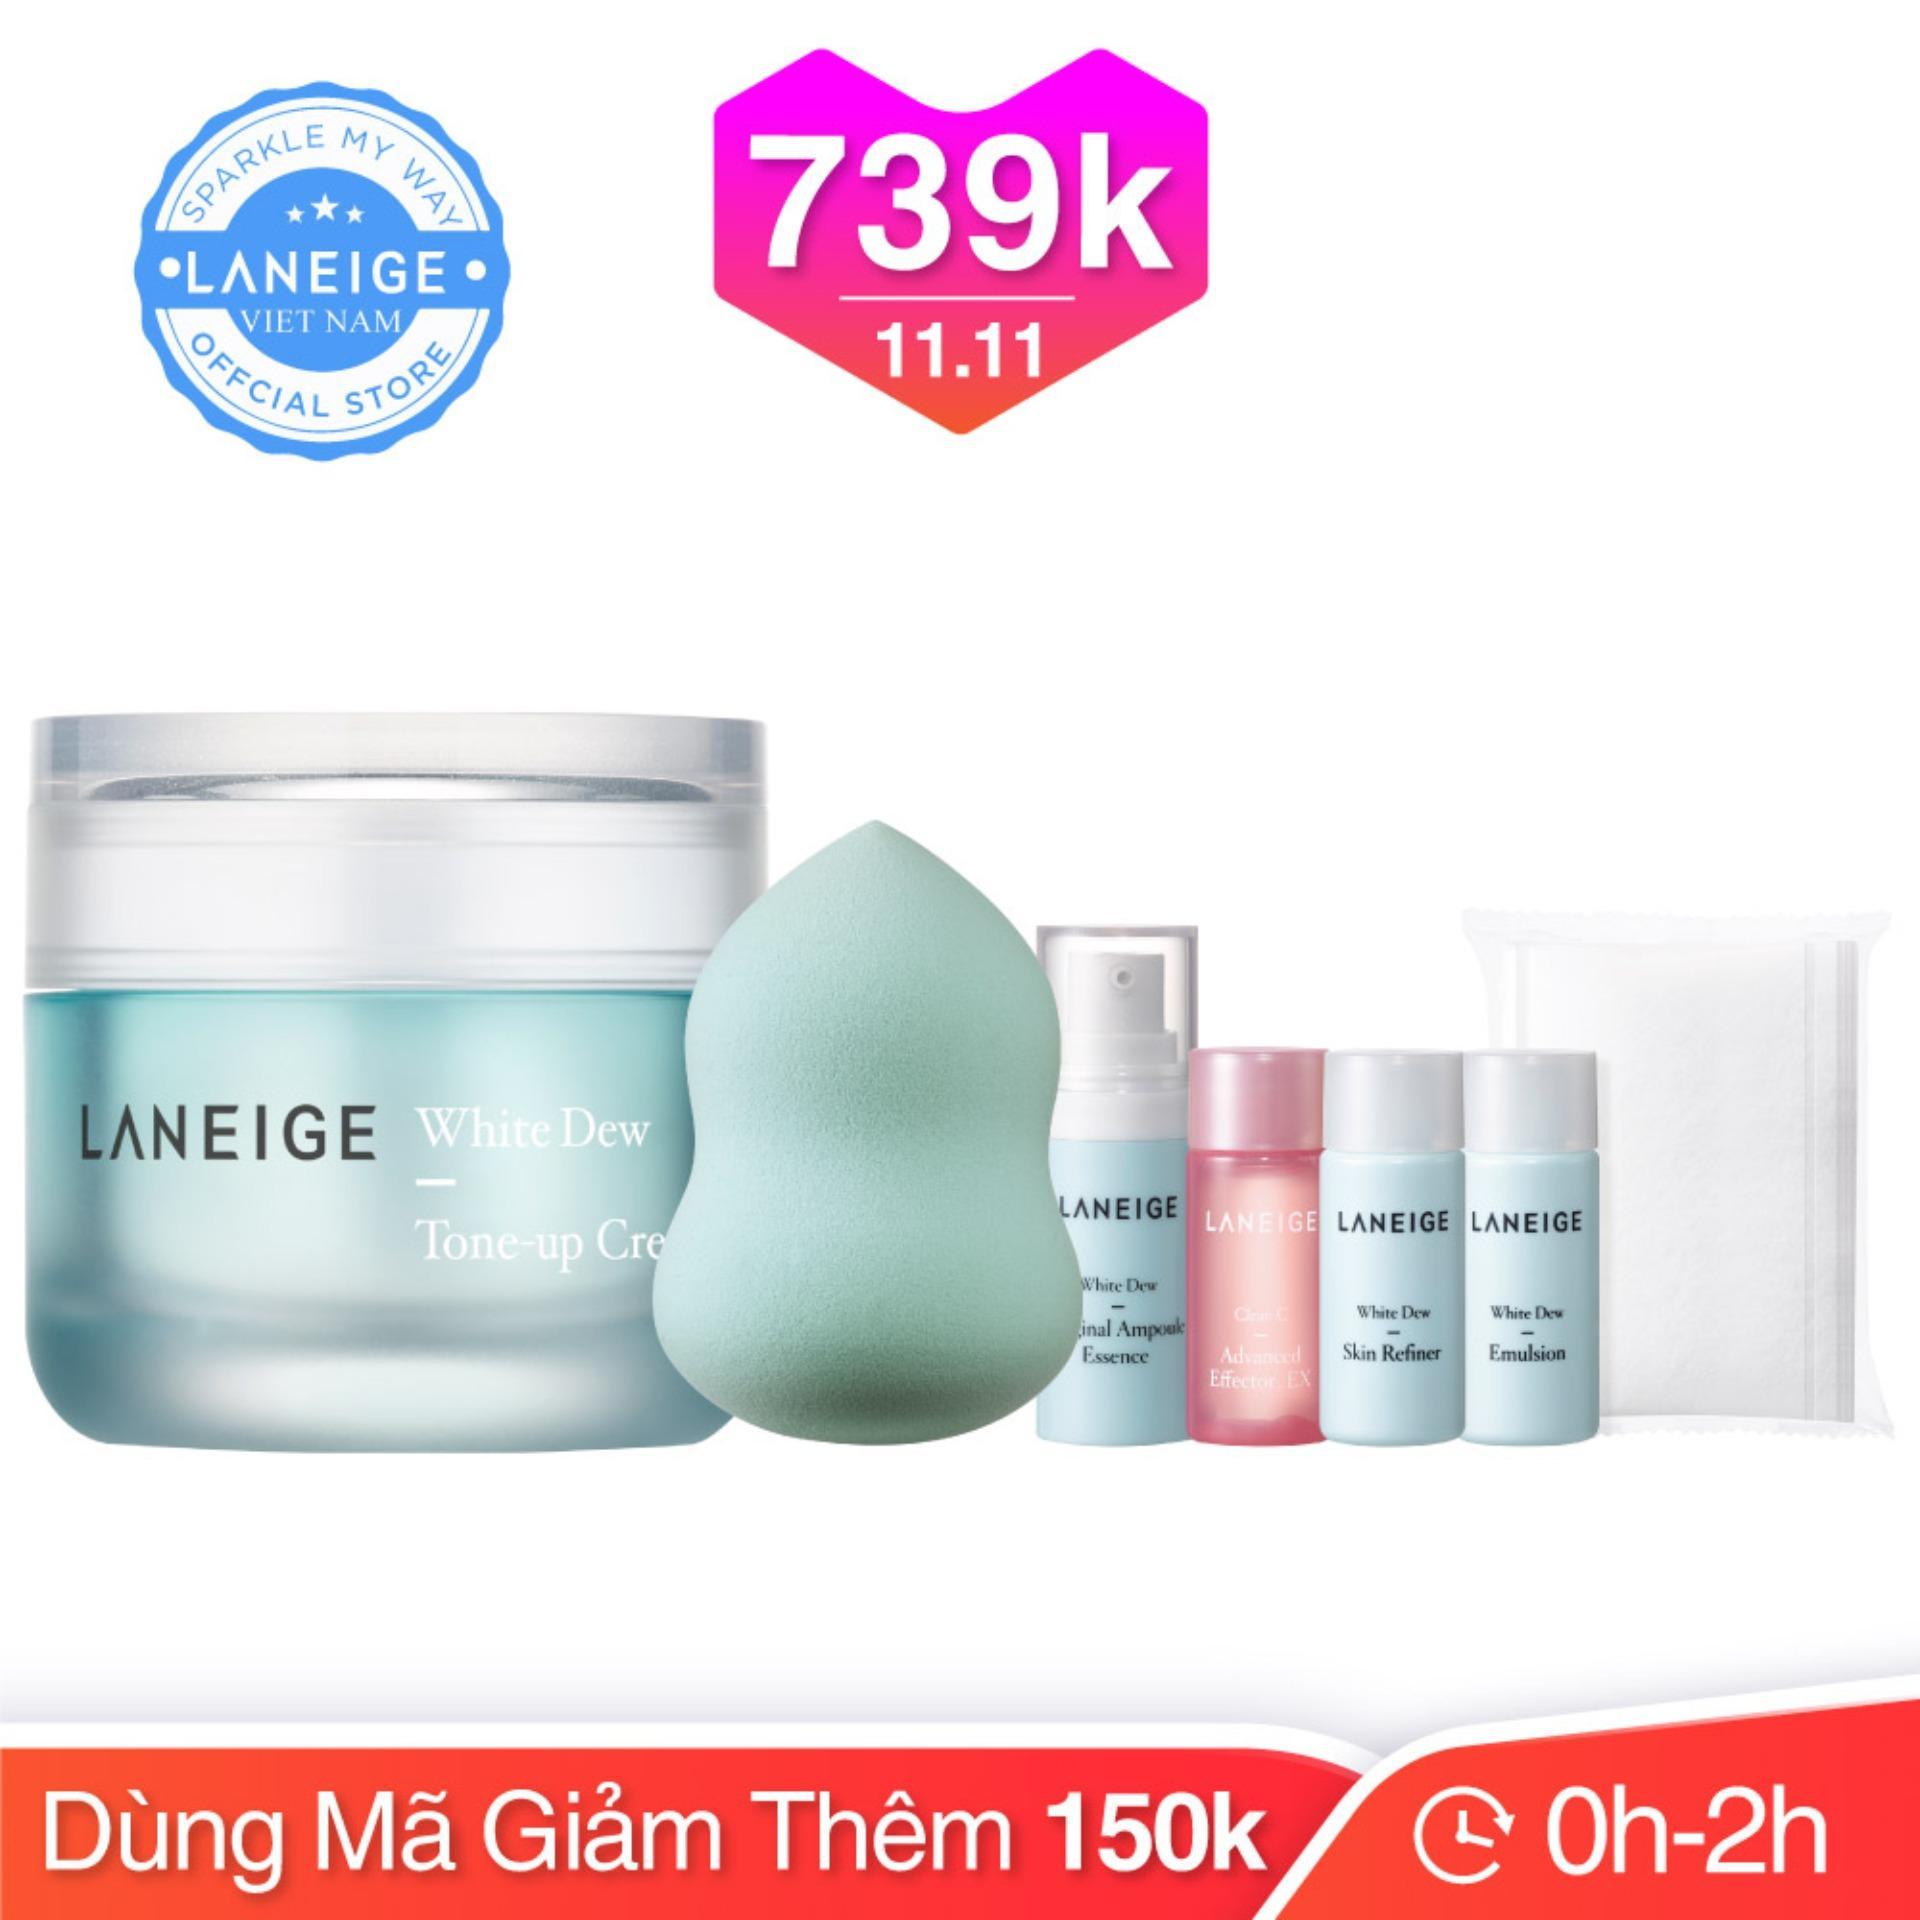 Kem dưỡng trắng và nâng tông da Laneige White Dew Tone-Up Cream 50ml + Tặng bộ dưỡng trắng toàn diện